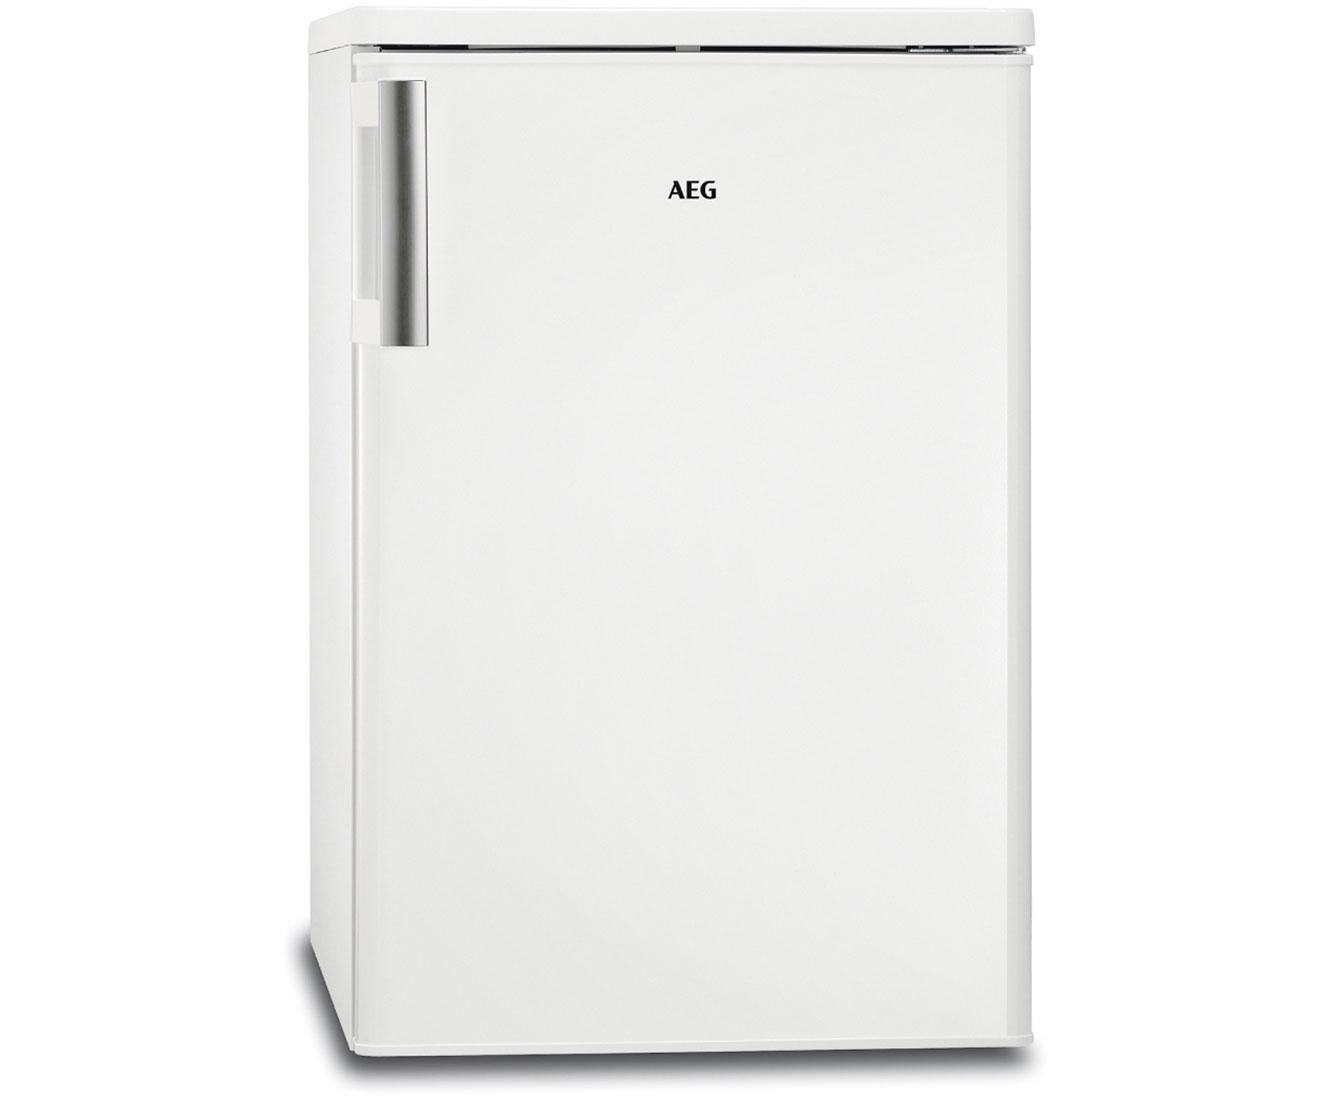 AEG SANTO RTB71421AW Kühlschränke - Weiß